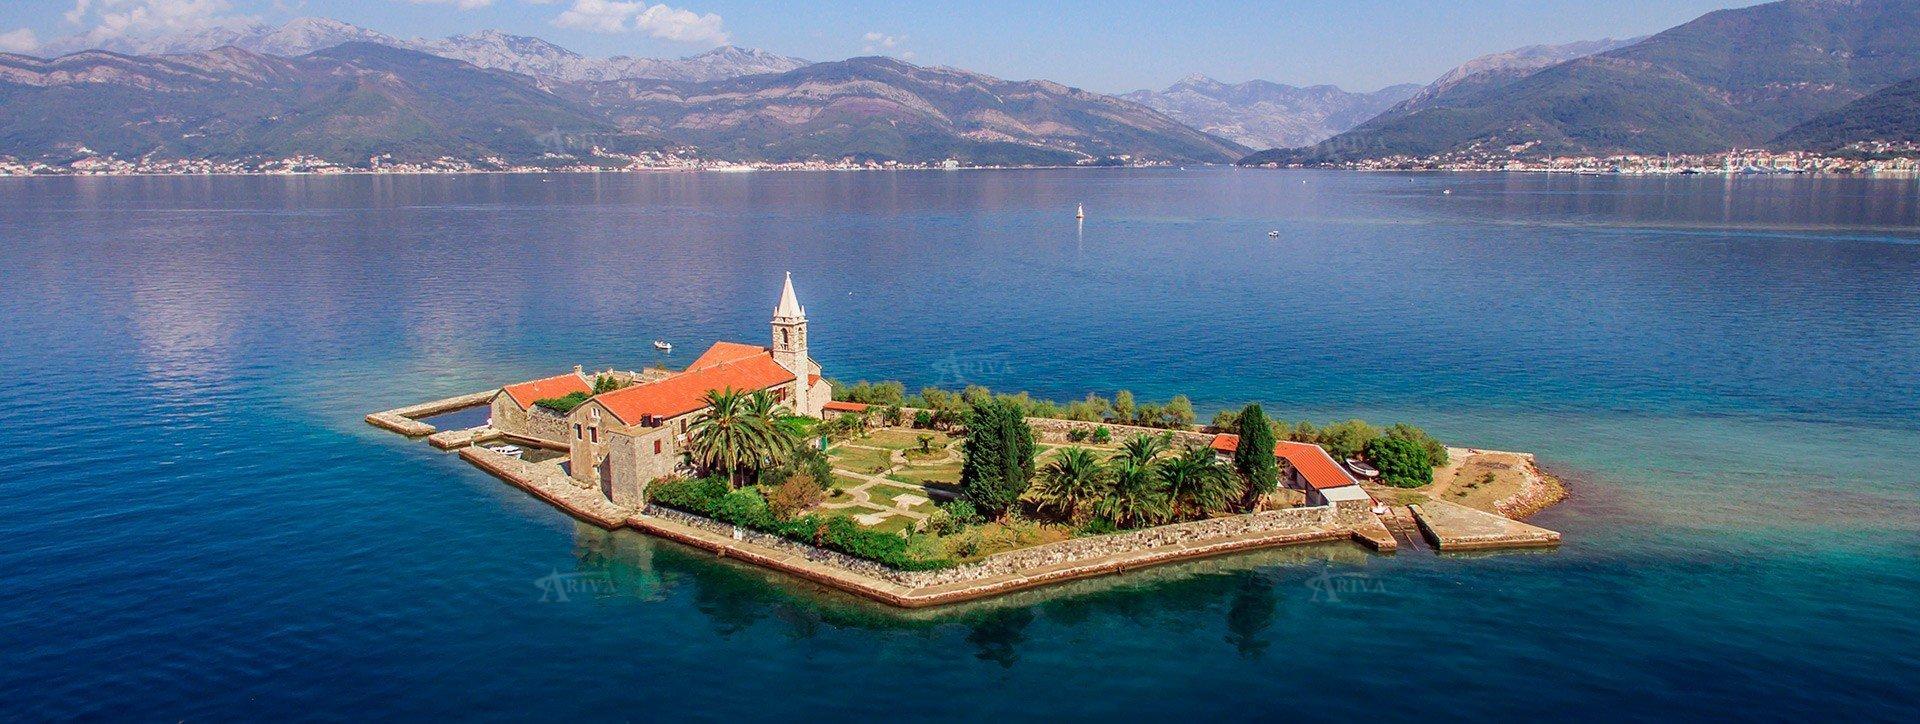 Island Montenegro